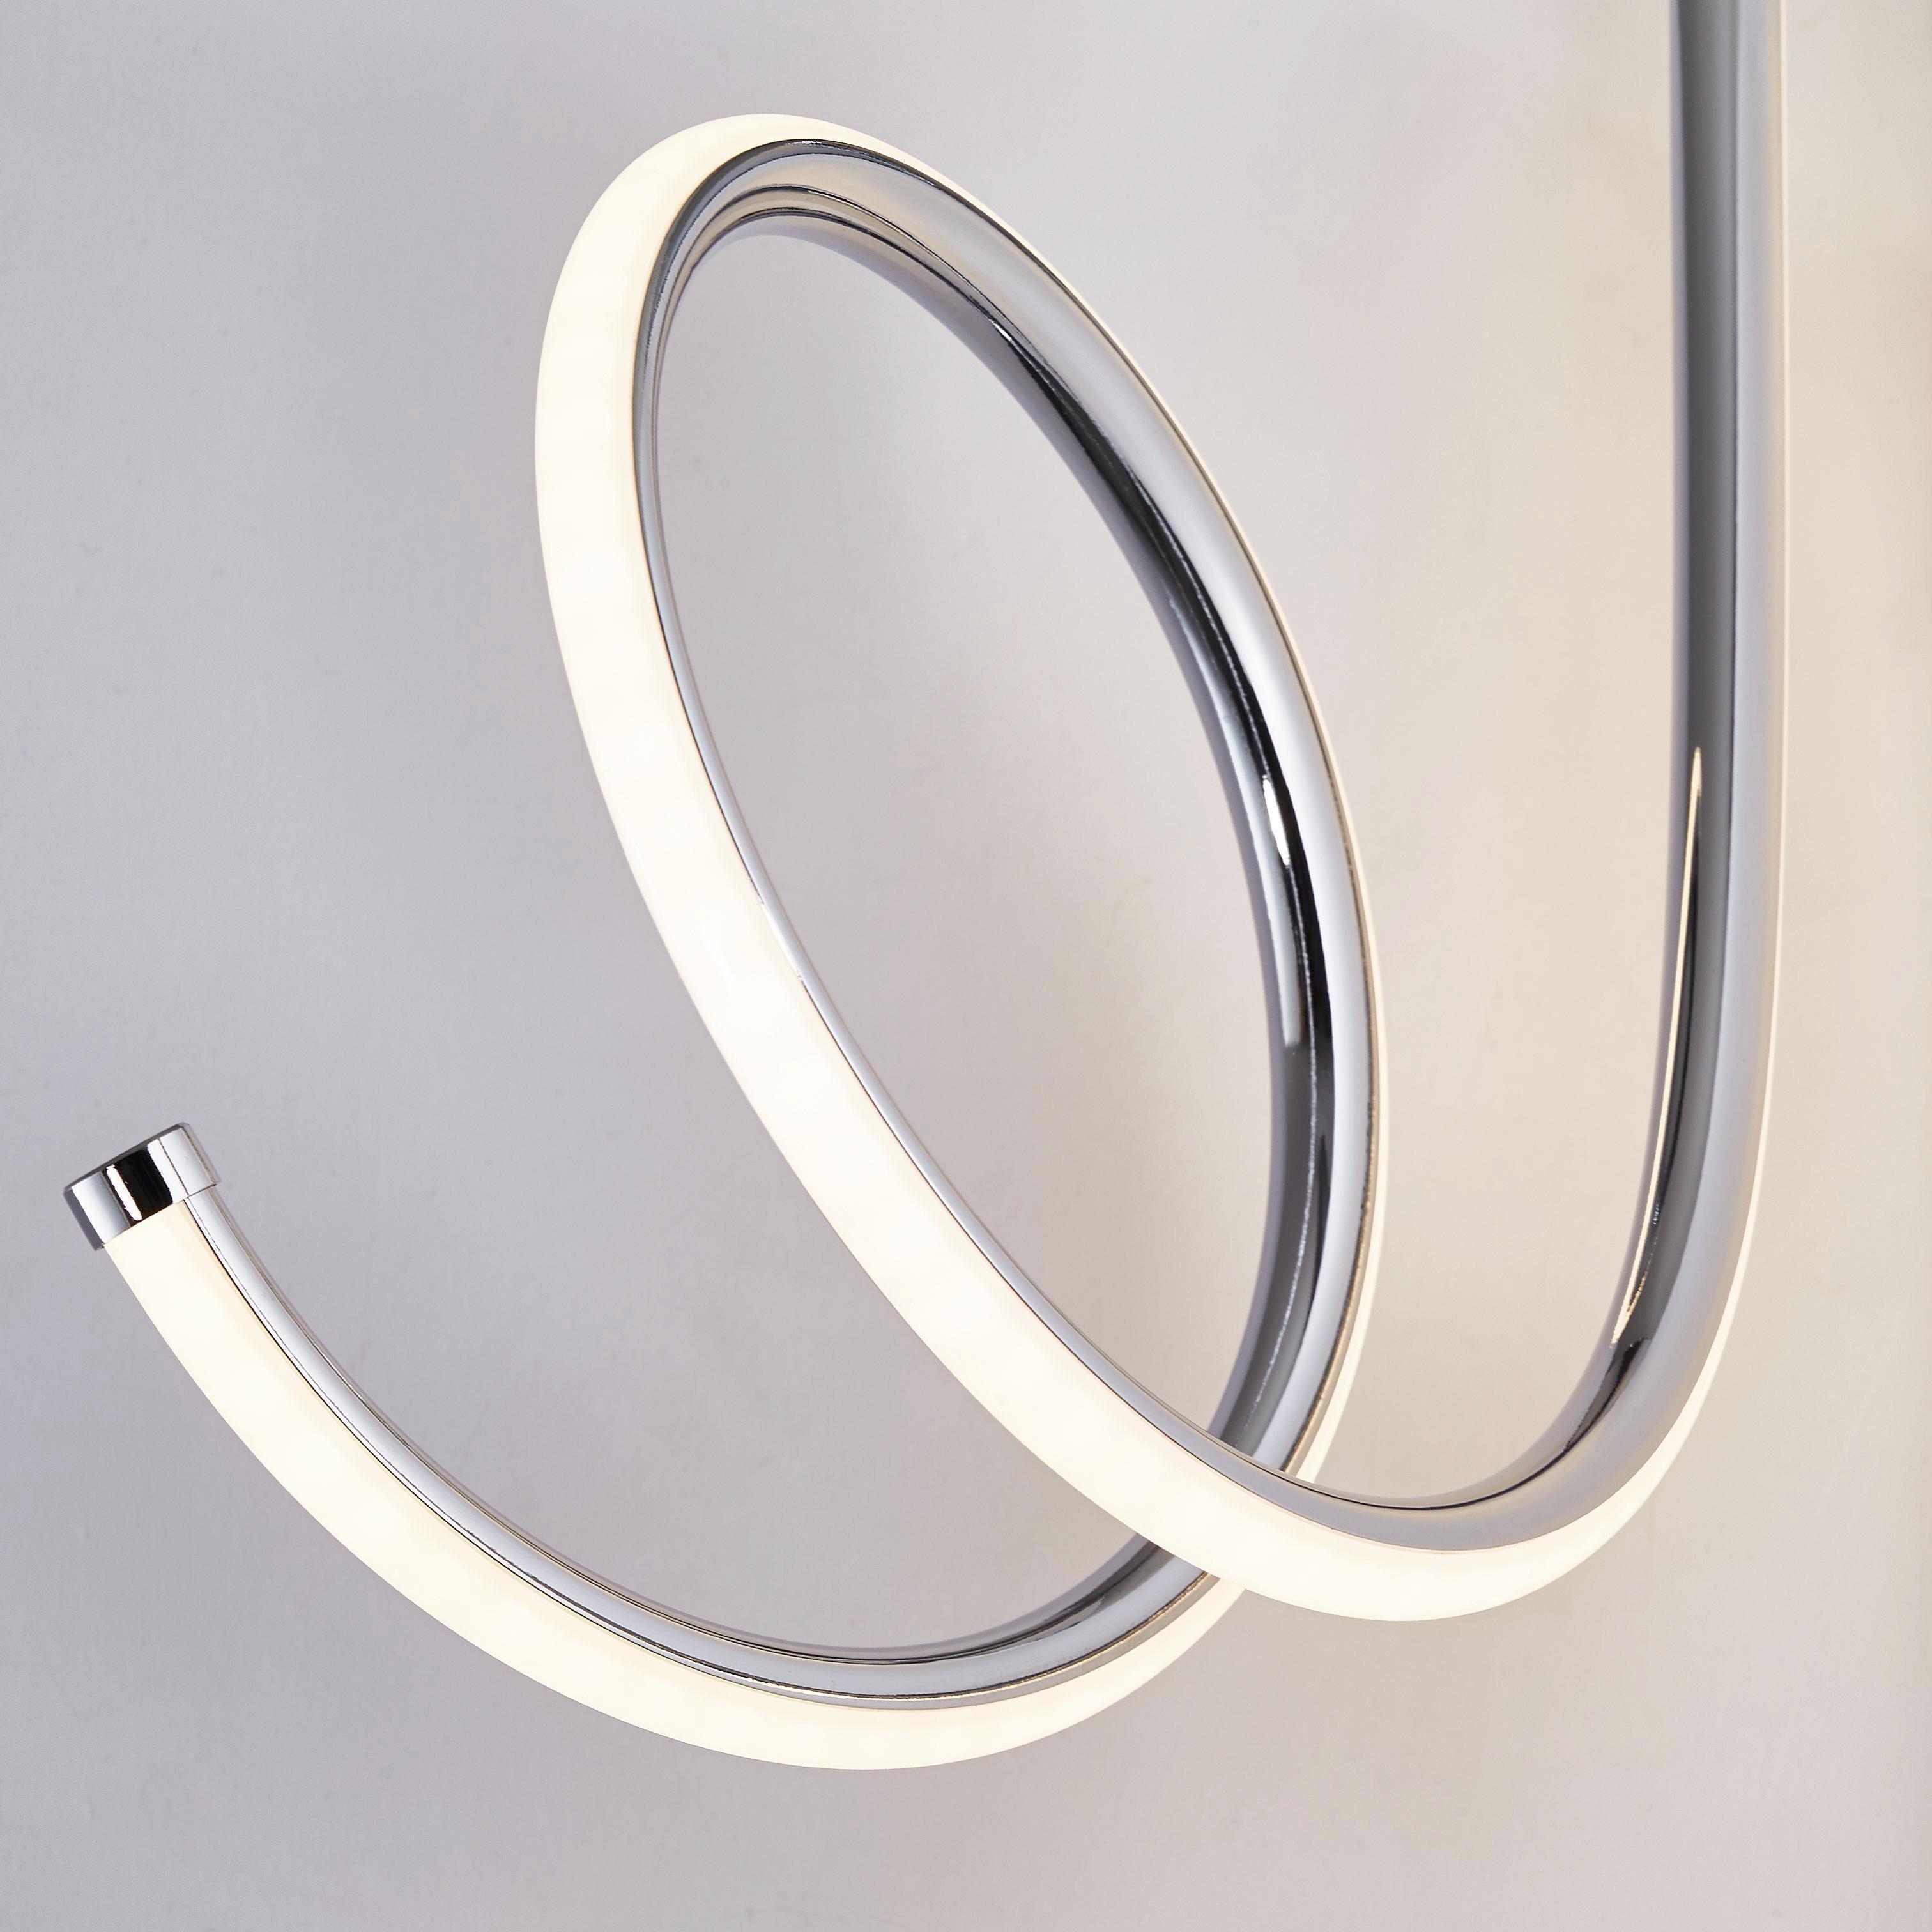 LED-DECKENLEUCHTE - Chromfarben, Design, Kunststoff/Metall (56/35cm) - AMBIENTE